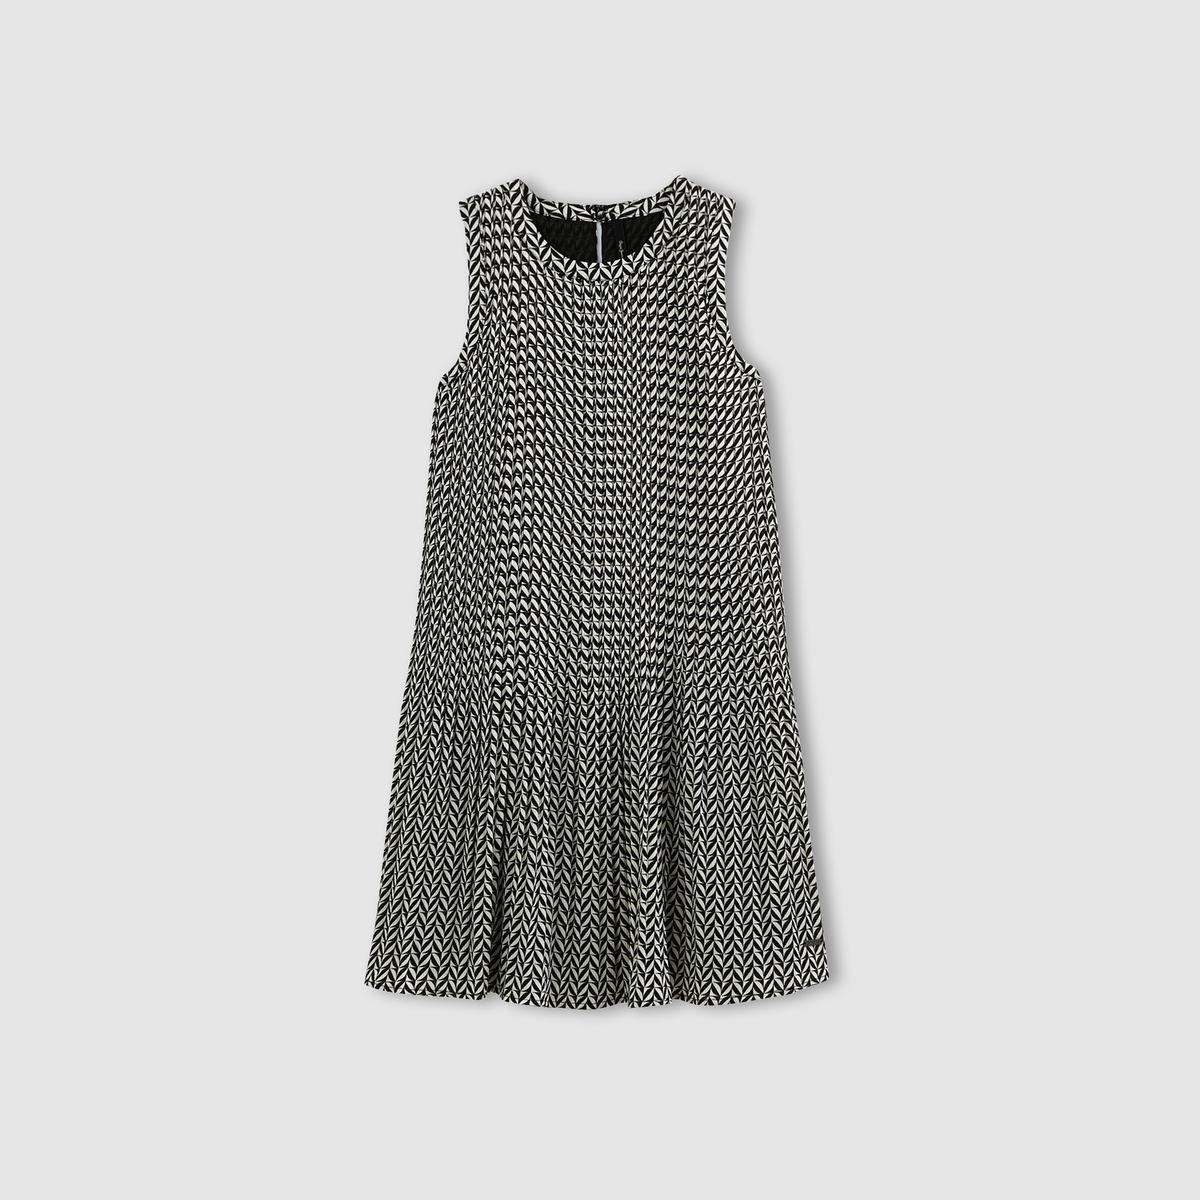 Платье средней длины LORINСостав и описаниеМатериал : 100% полиэстера.Подкладка : 100% полиэстера.Длина до середины спинки : 88 см (для размера XS)Марка : PEPE JEANS.<br><br>Цвет: черный/ белый